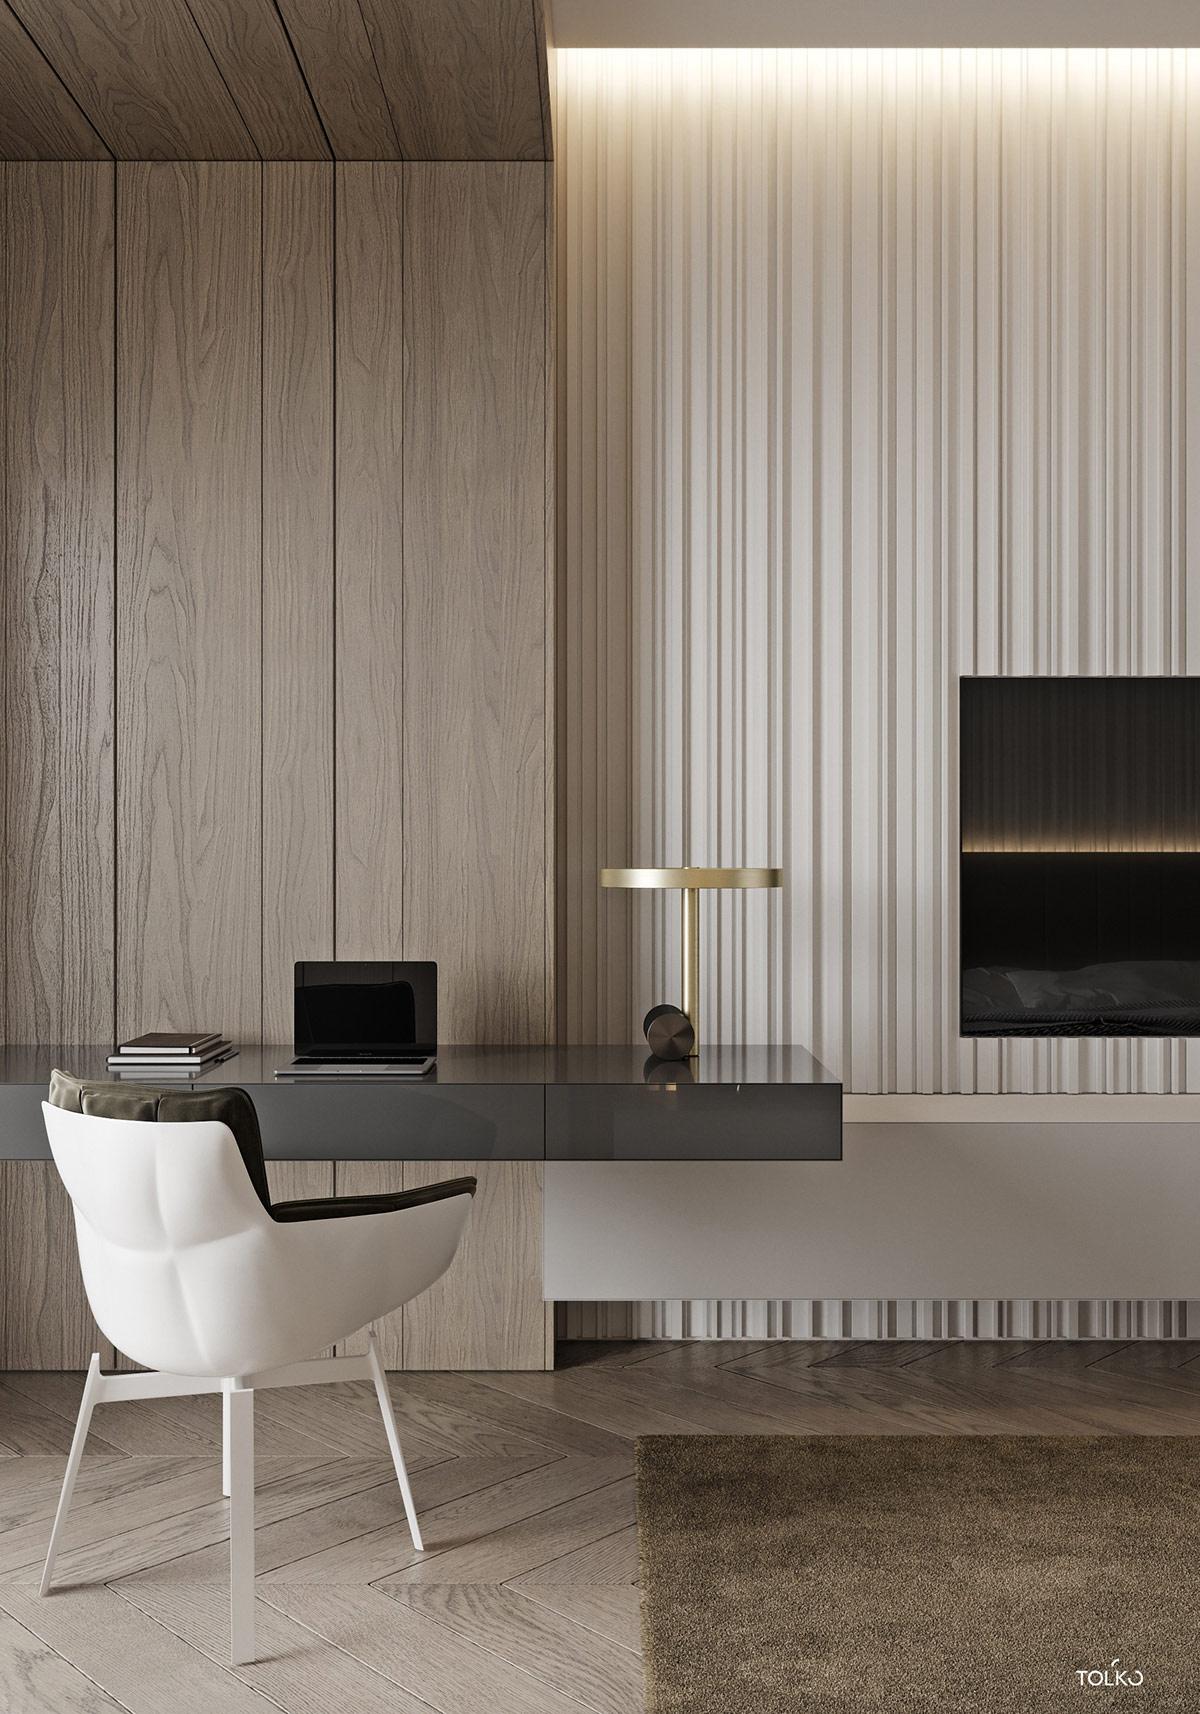 gold-designer-table-lamp-600x857.jpg